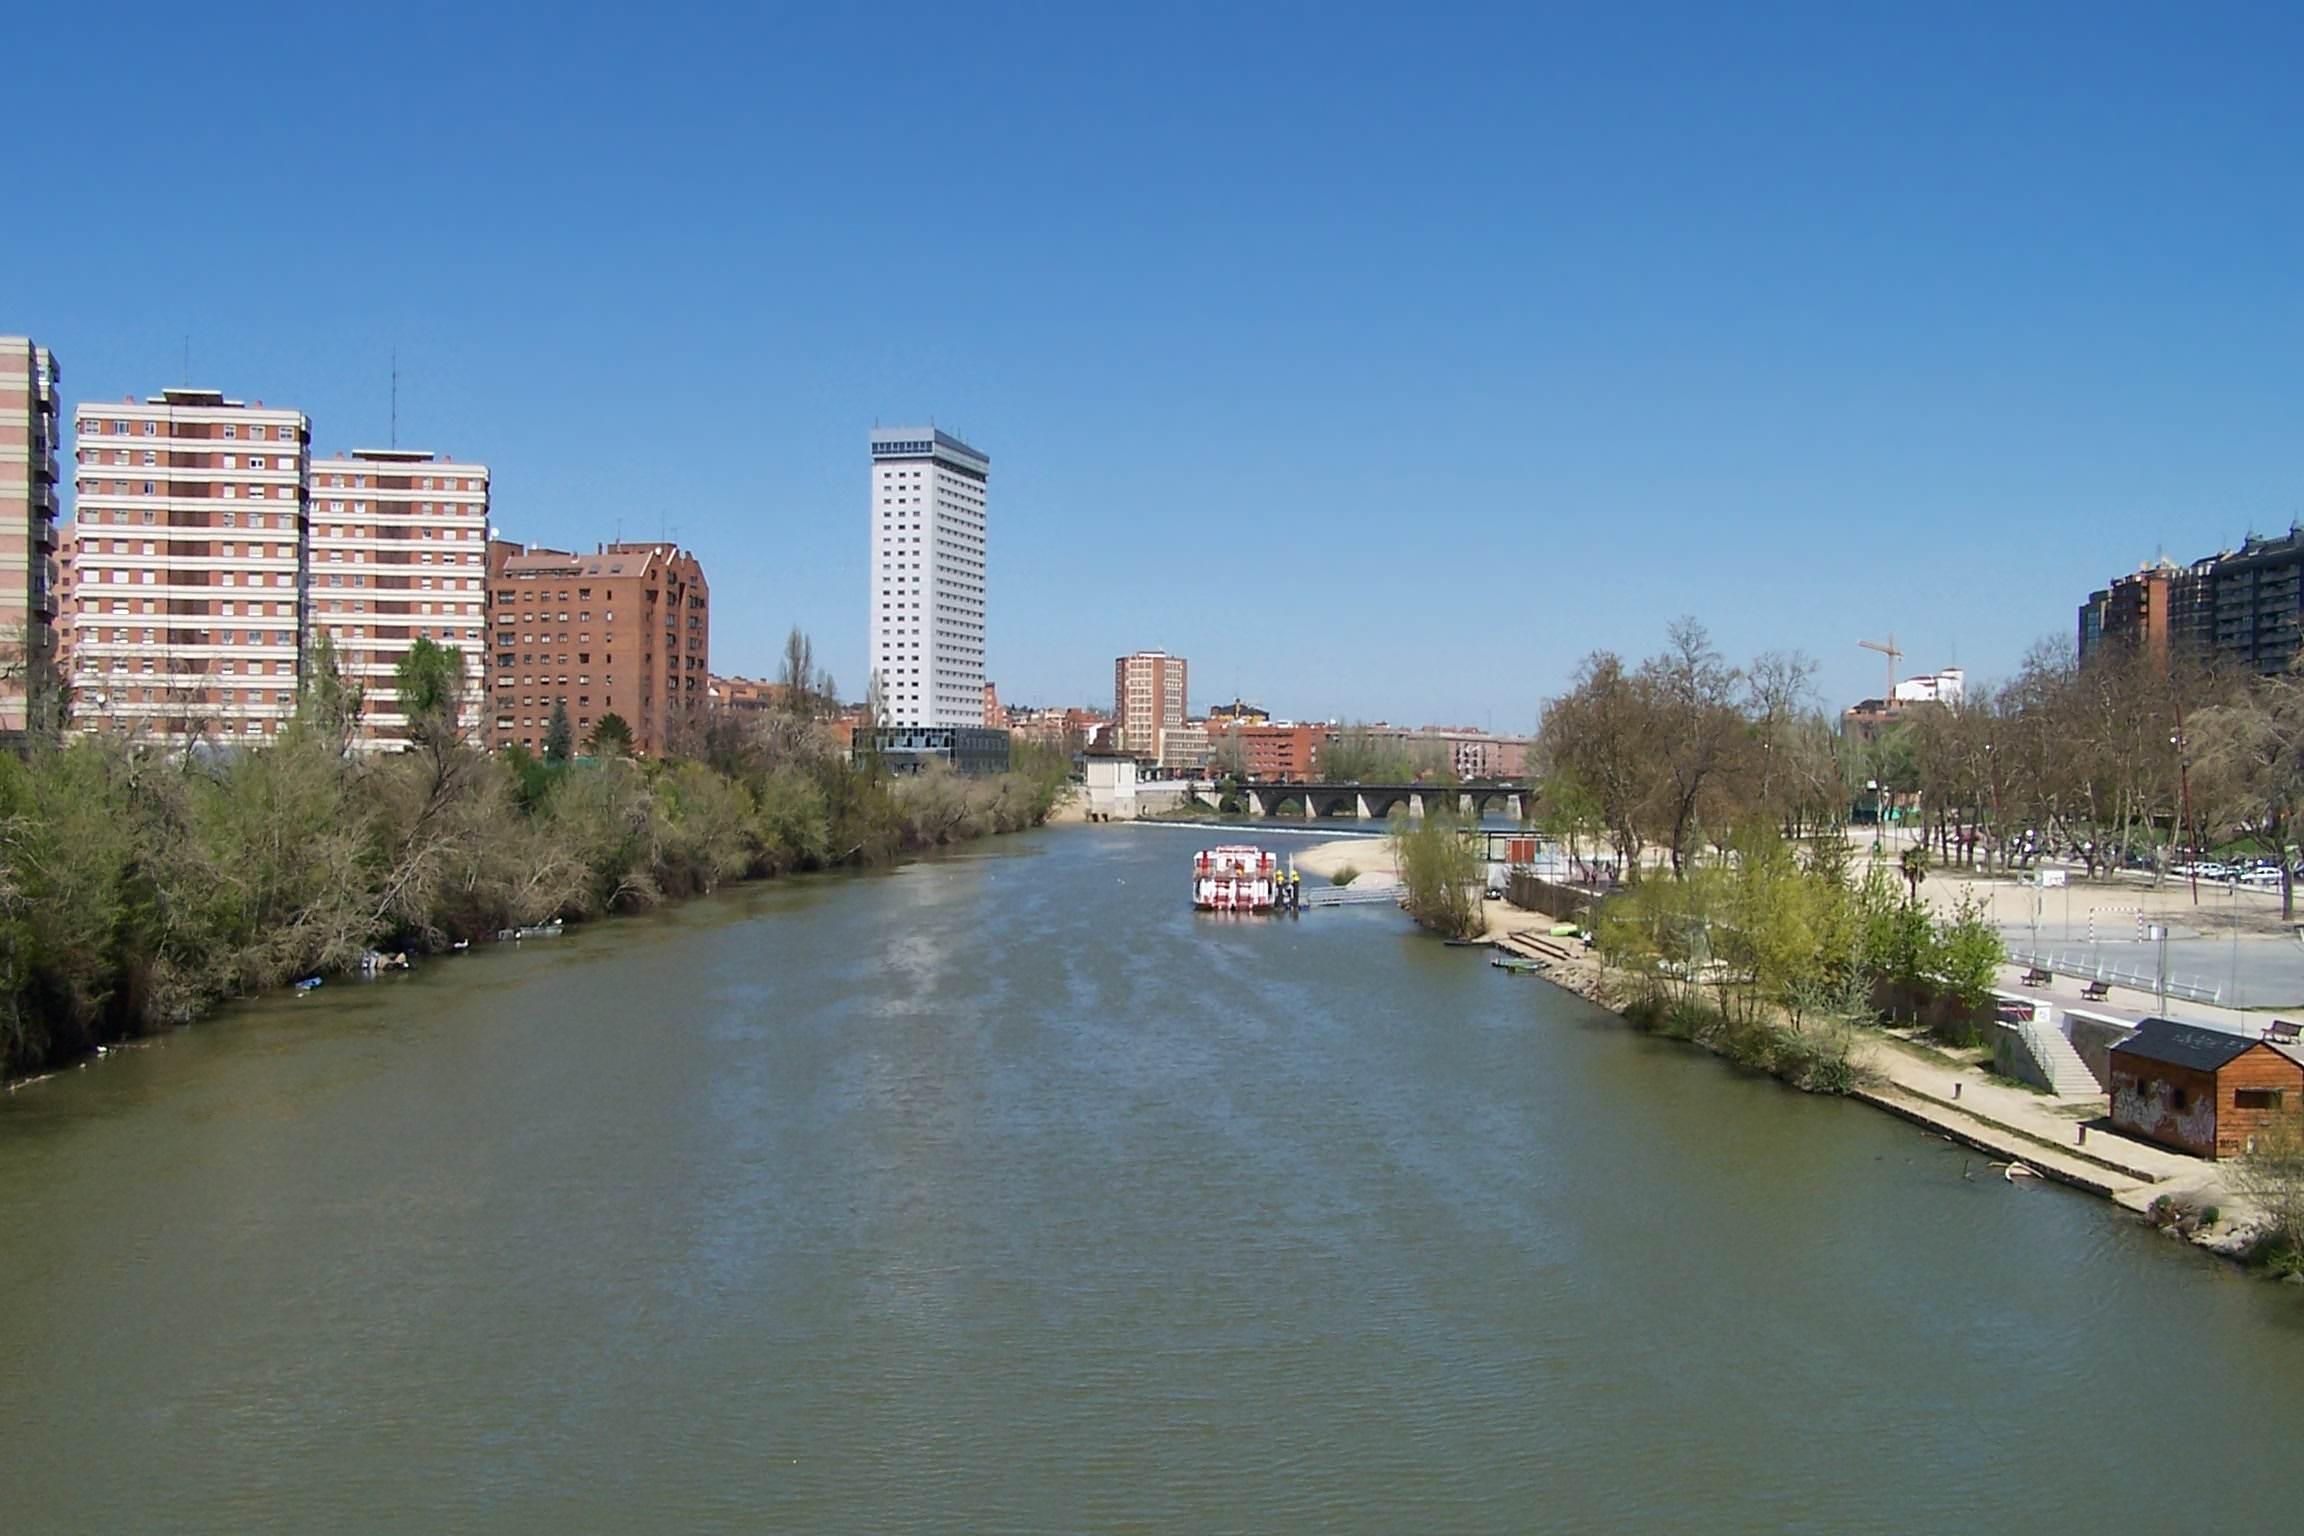 El Pisuerga por Valladolid o la increíble resolución de la dgrn 13 de Septiembre de 2.013